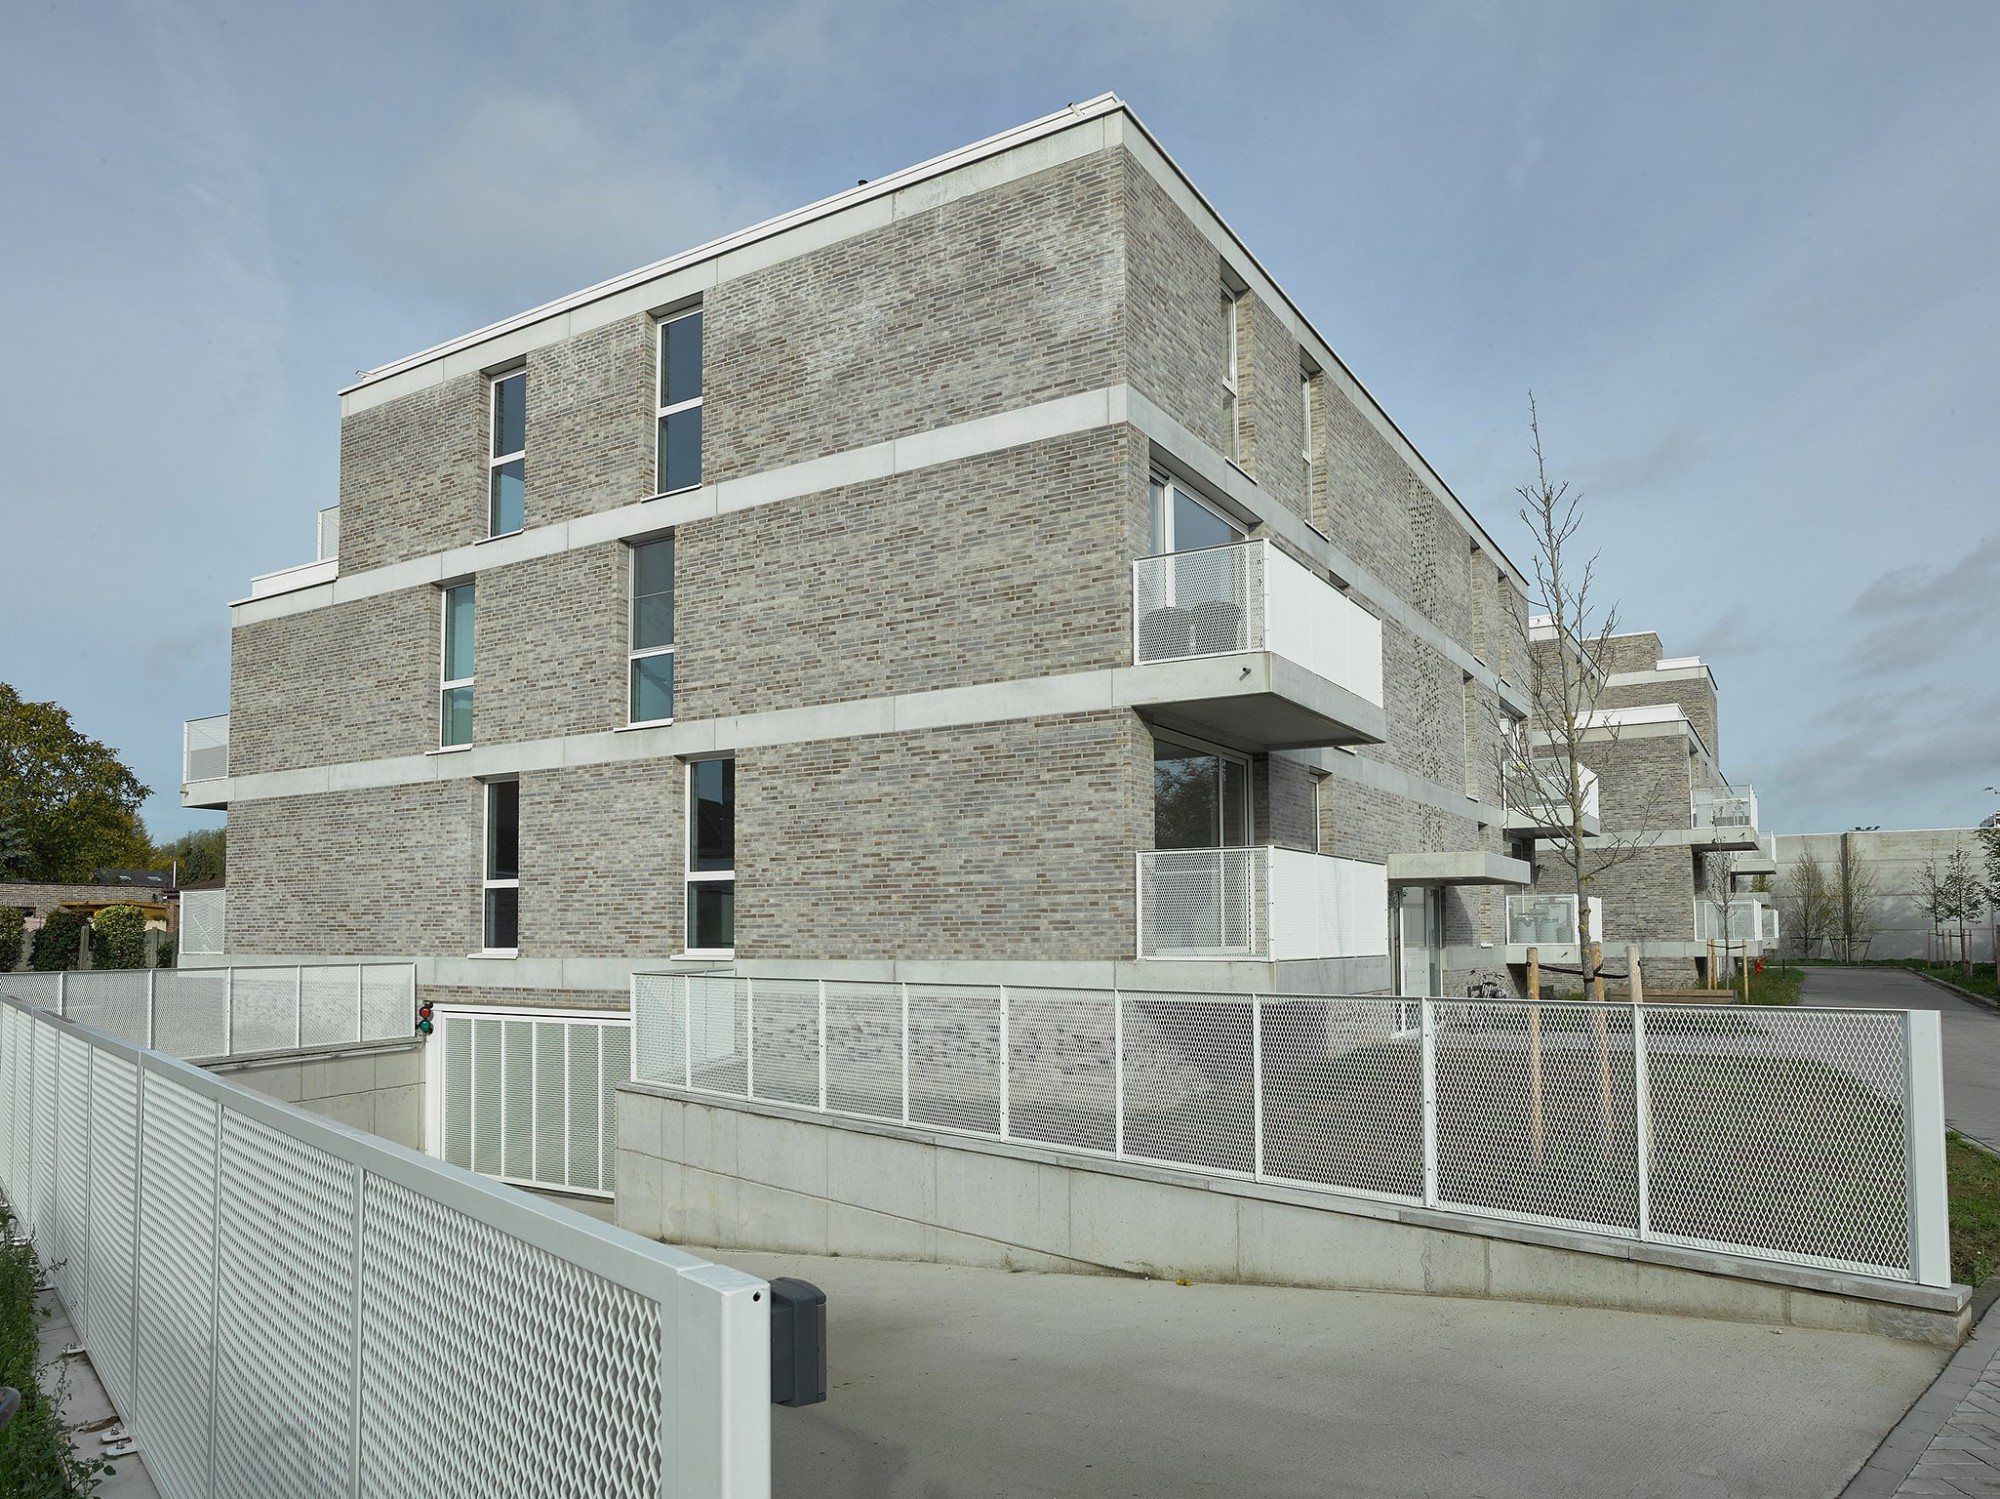 Afbeelding: Sociale woningen voor © atelier M Architects + Planners te Aartselaar.